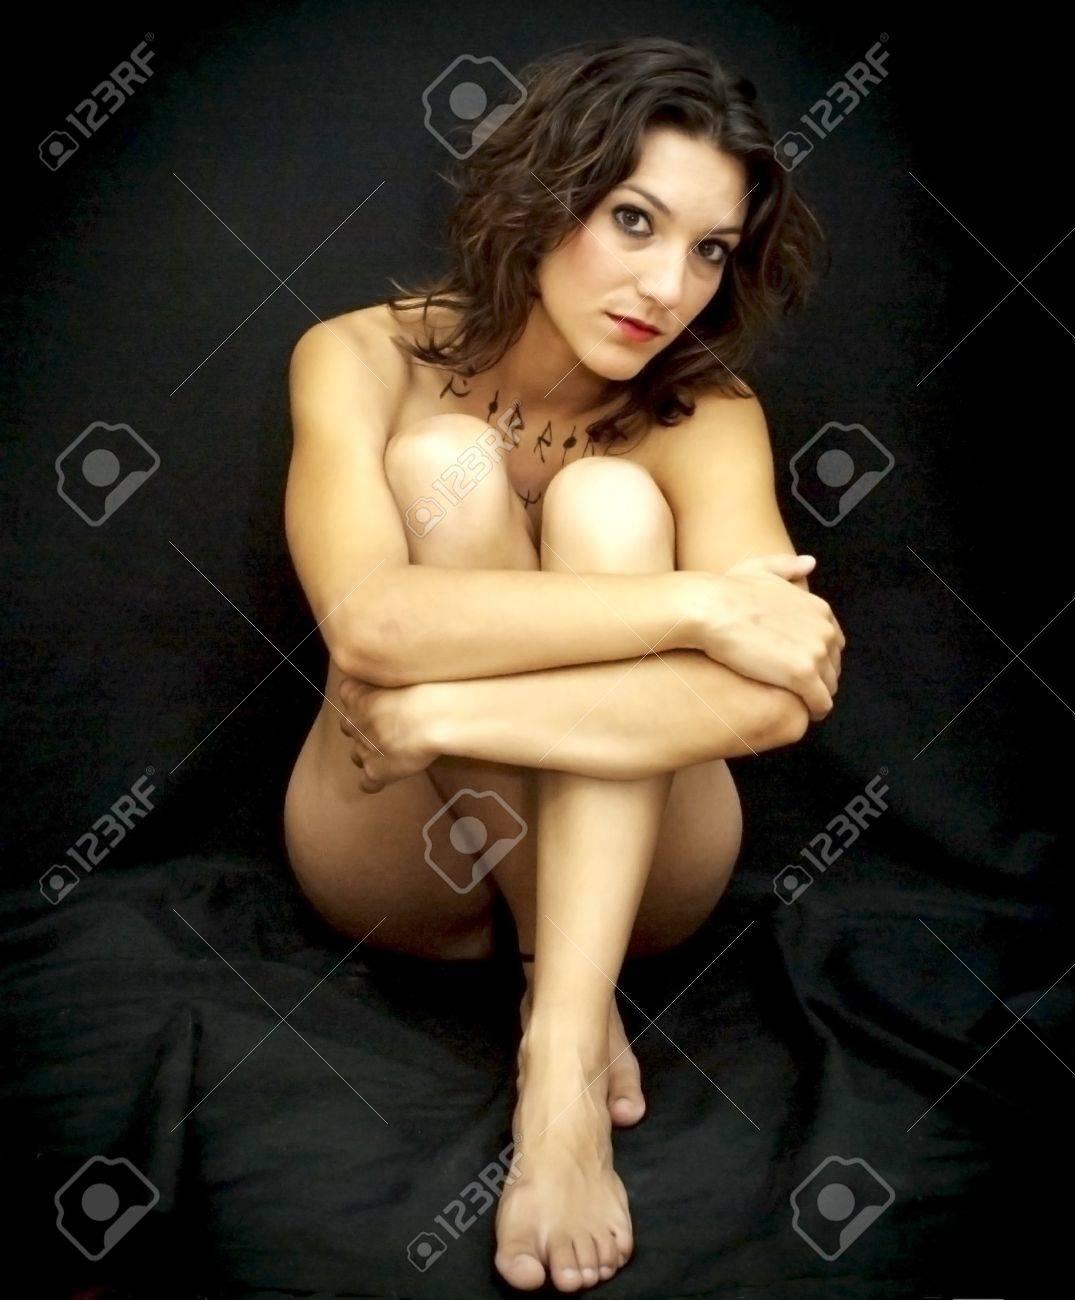 Nackte Frau umarmt